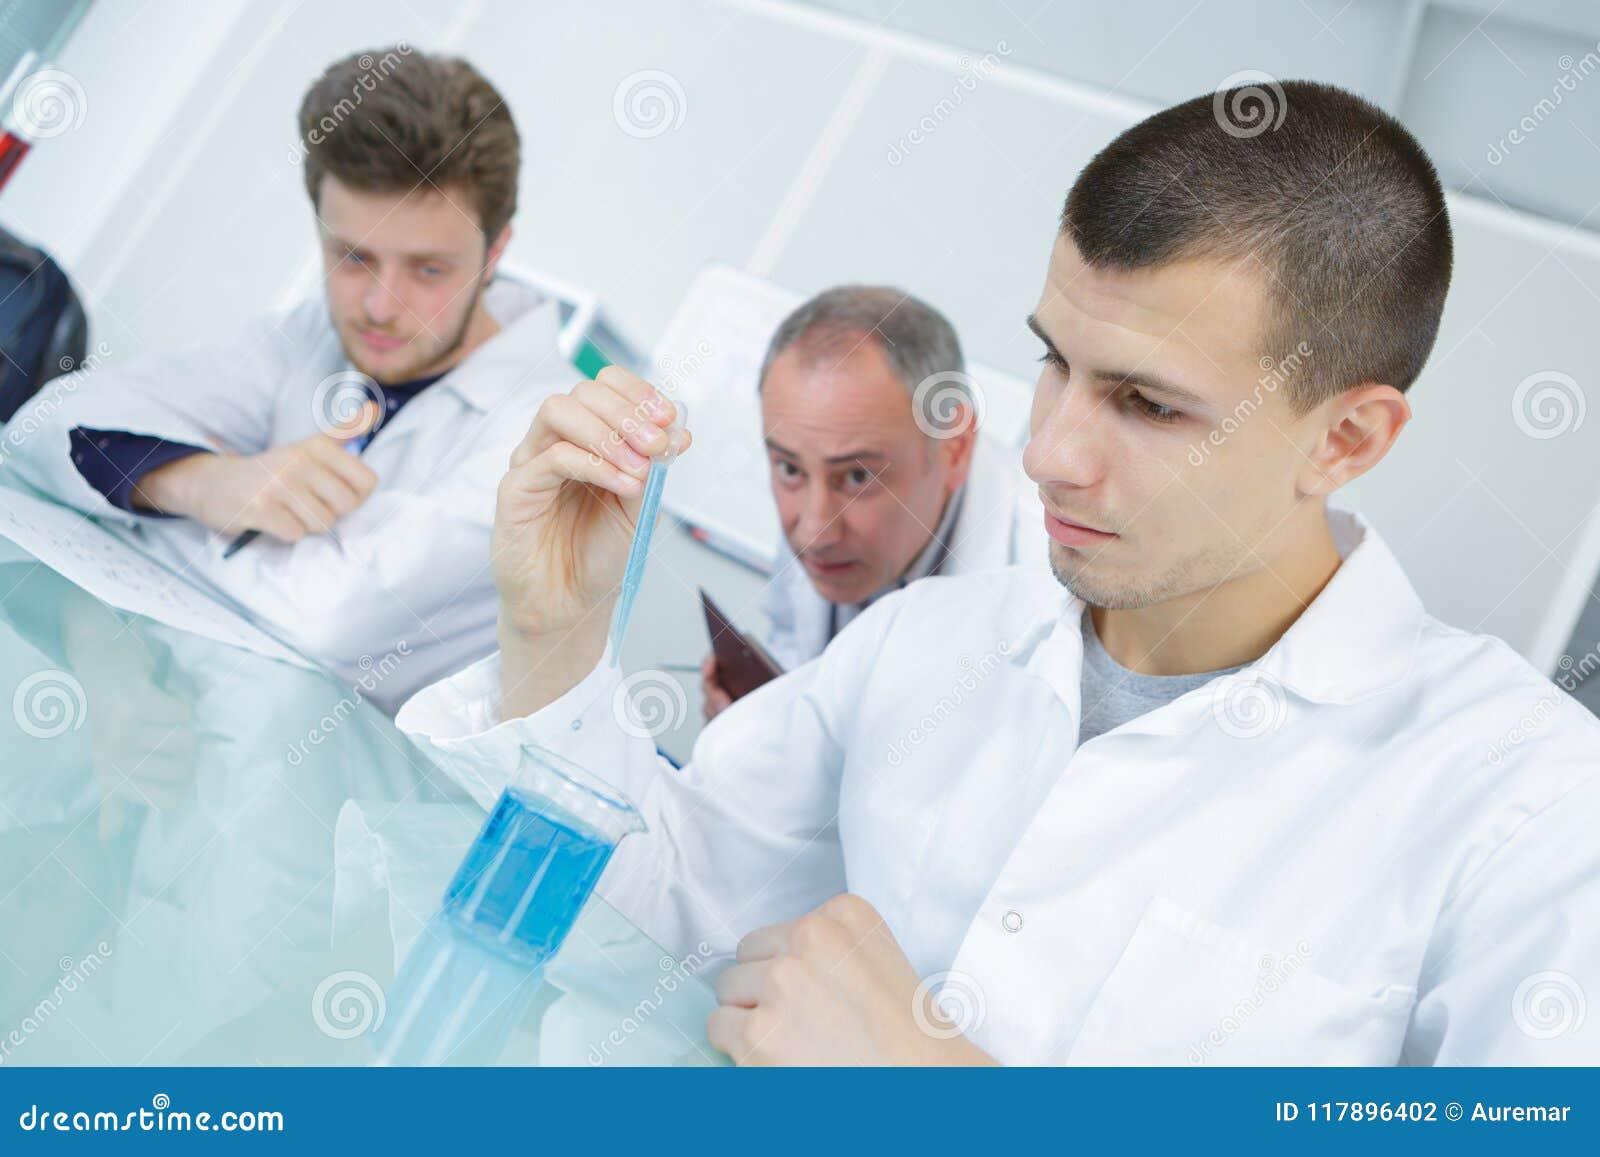 Ung forskare observera vätskeagens i laboratorium